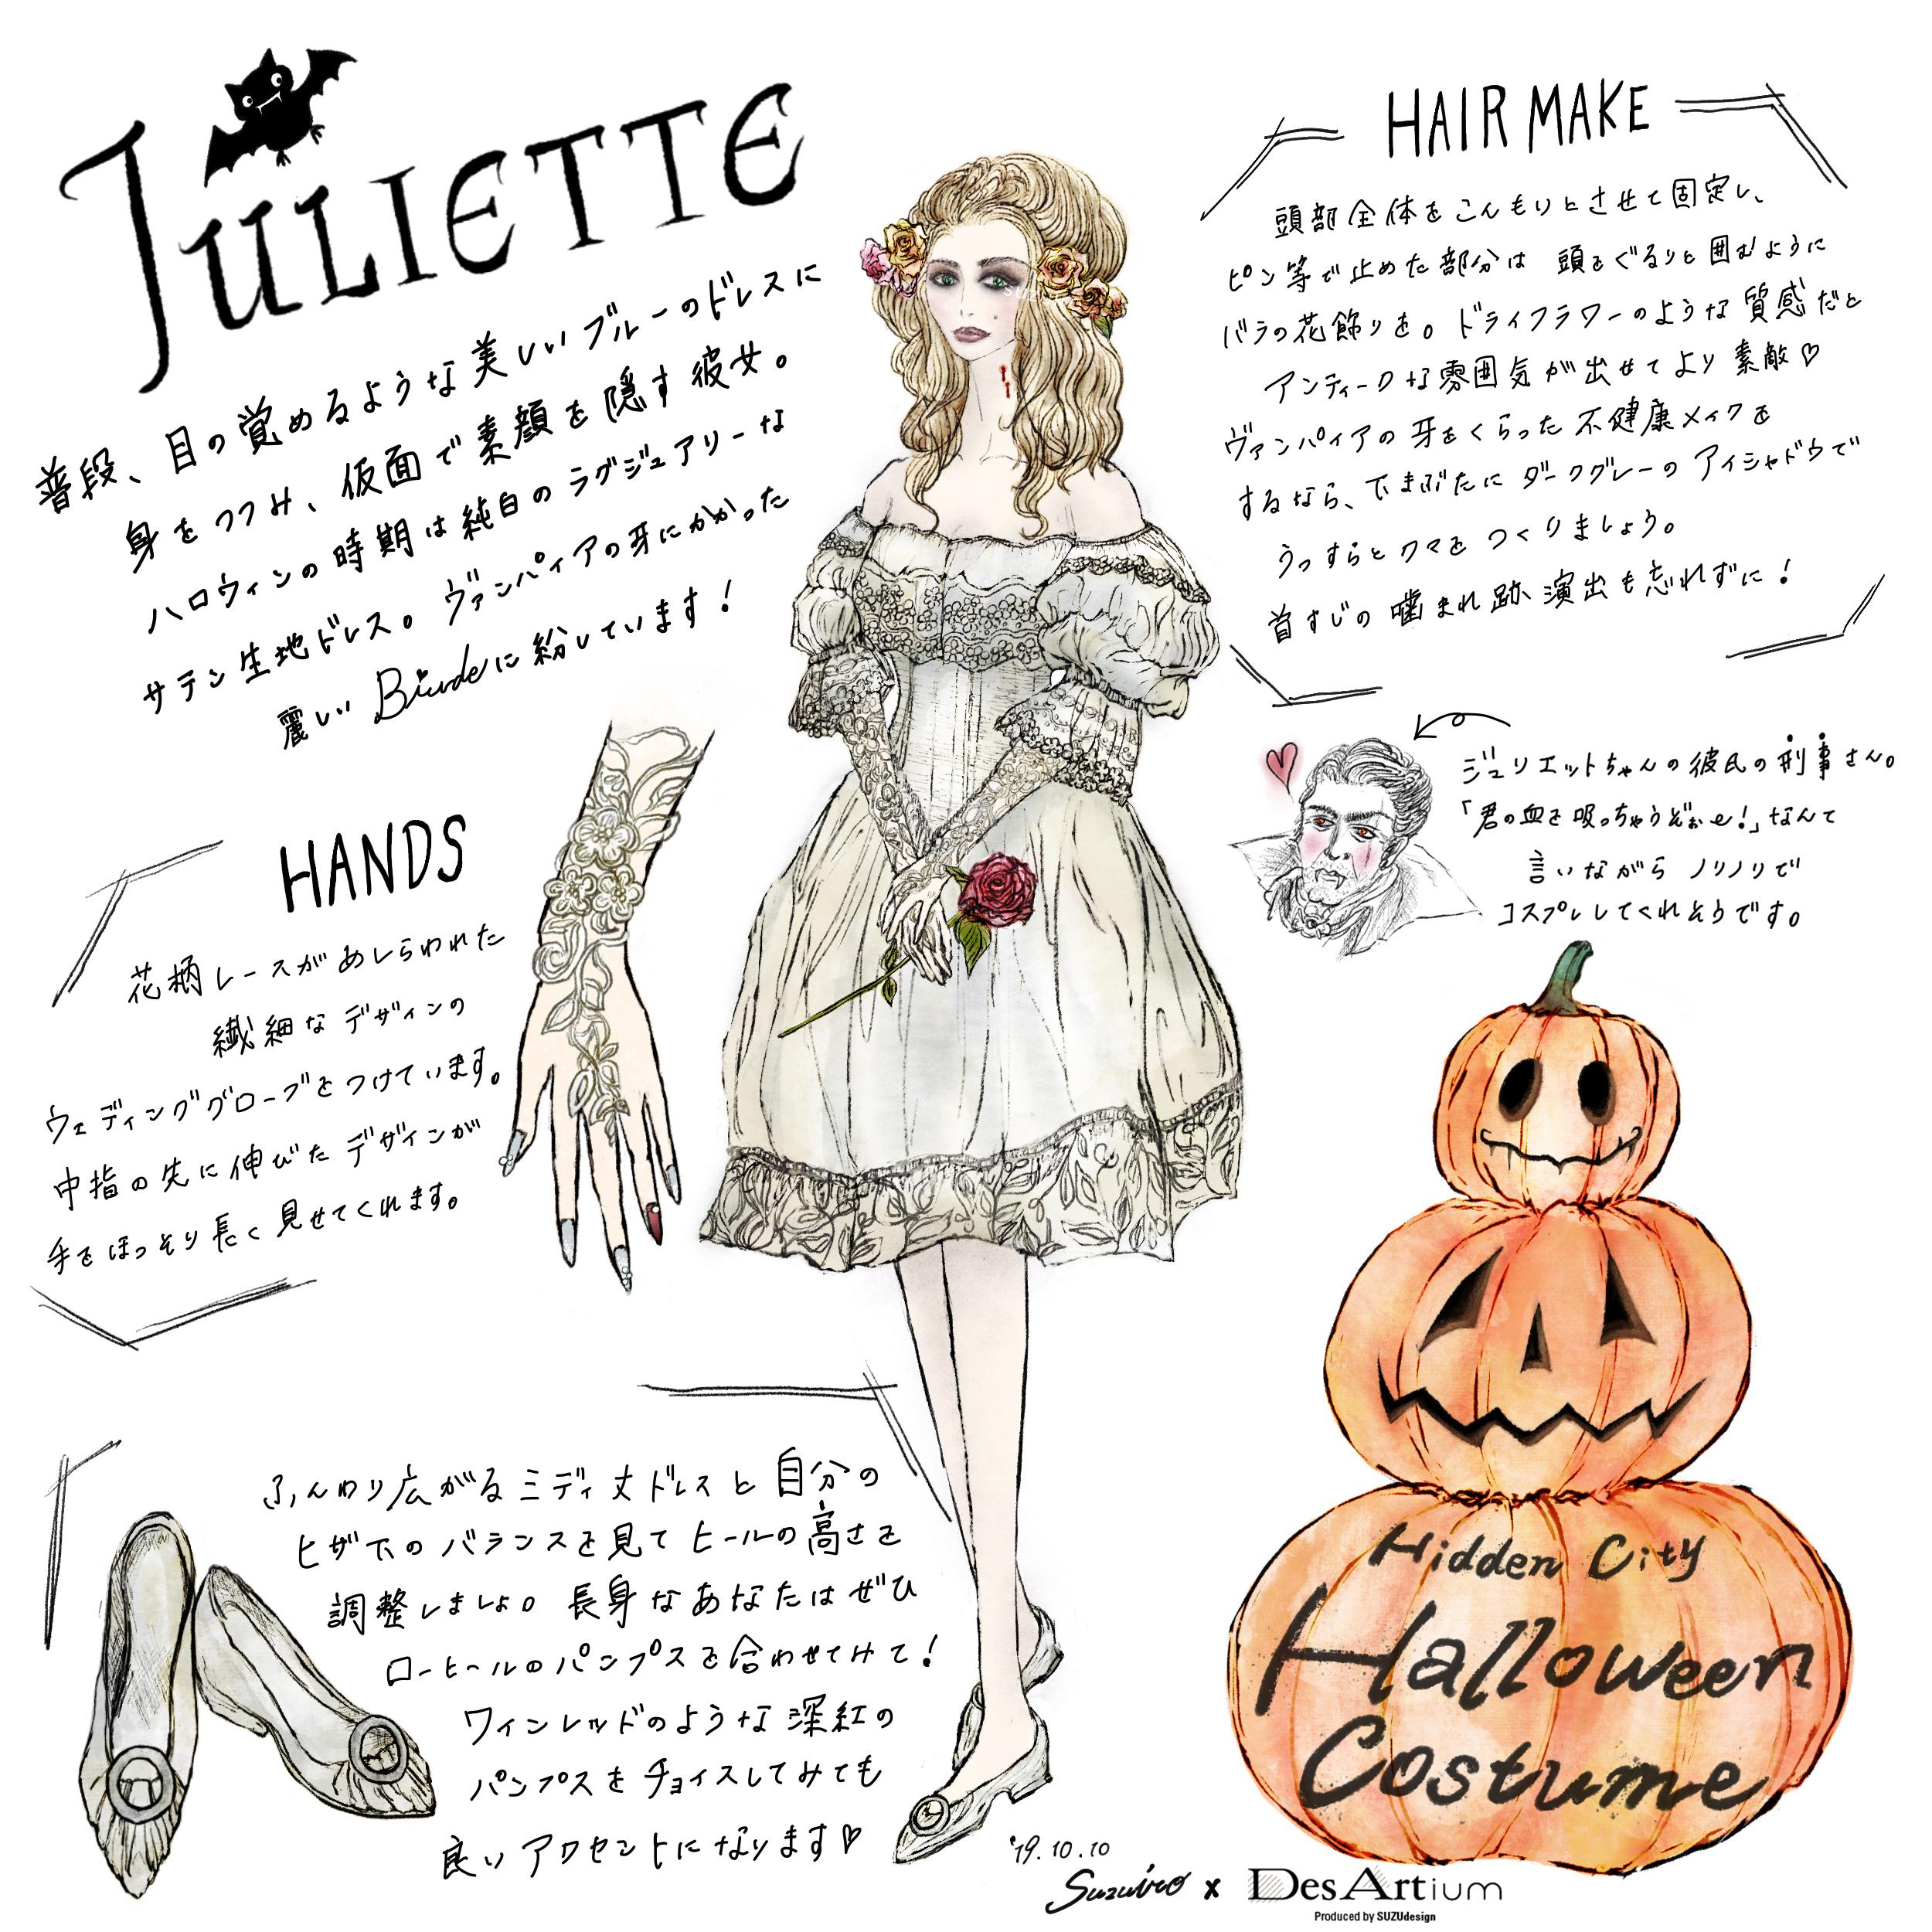 ハロウィンイラスト 〜HiddenCity登場人物から学べるファッション〜 ジュリエット juliette hiddencity